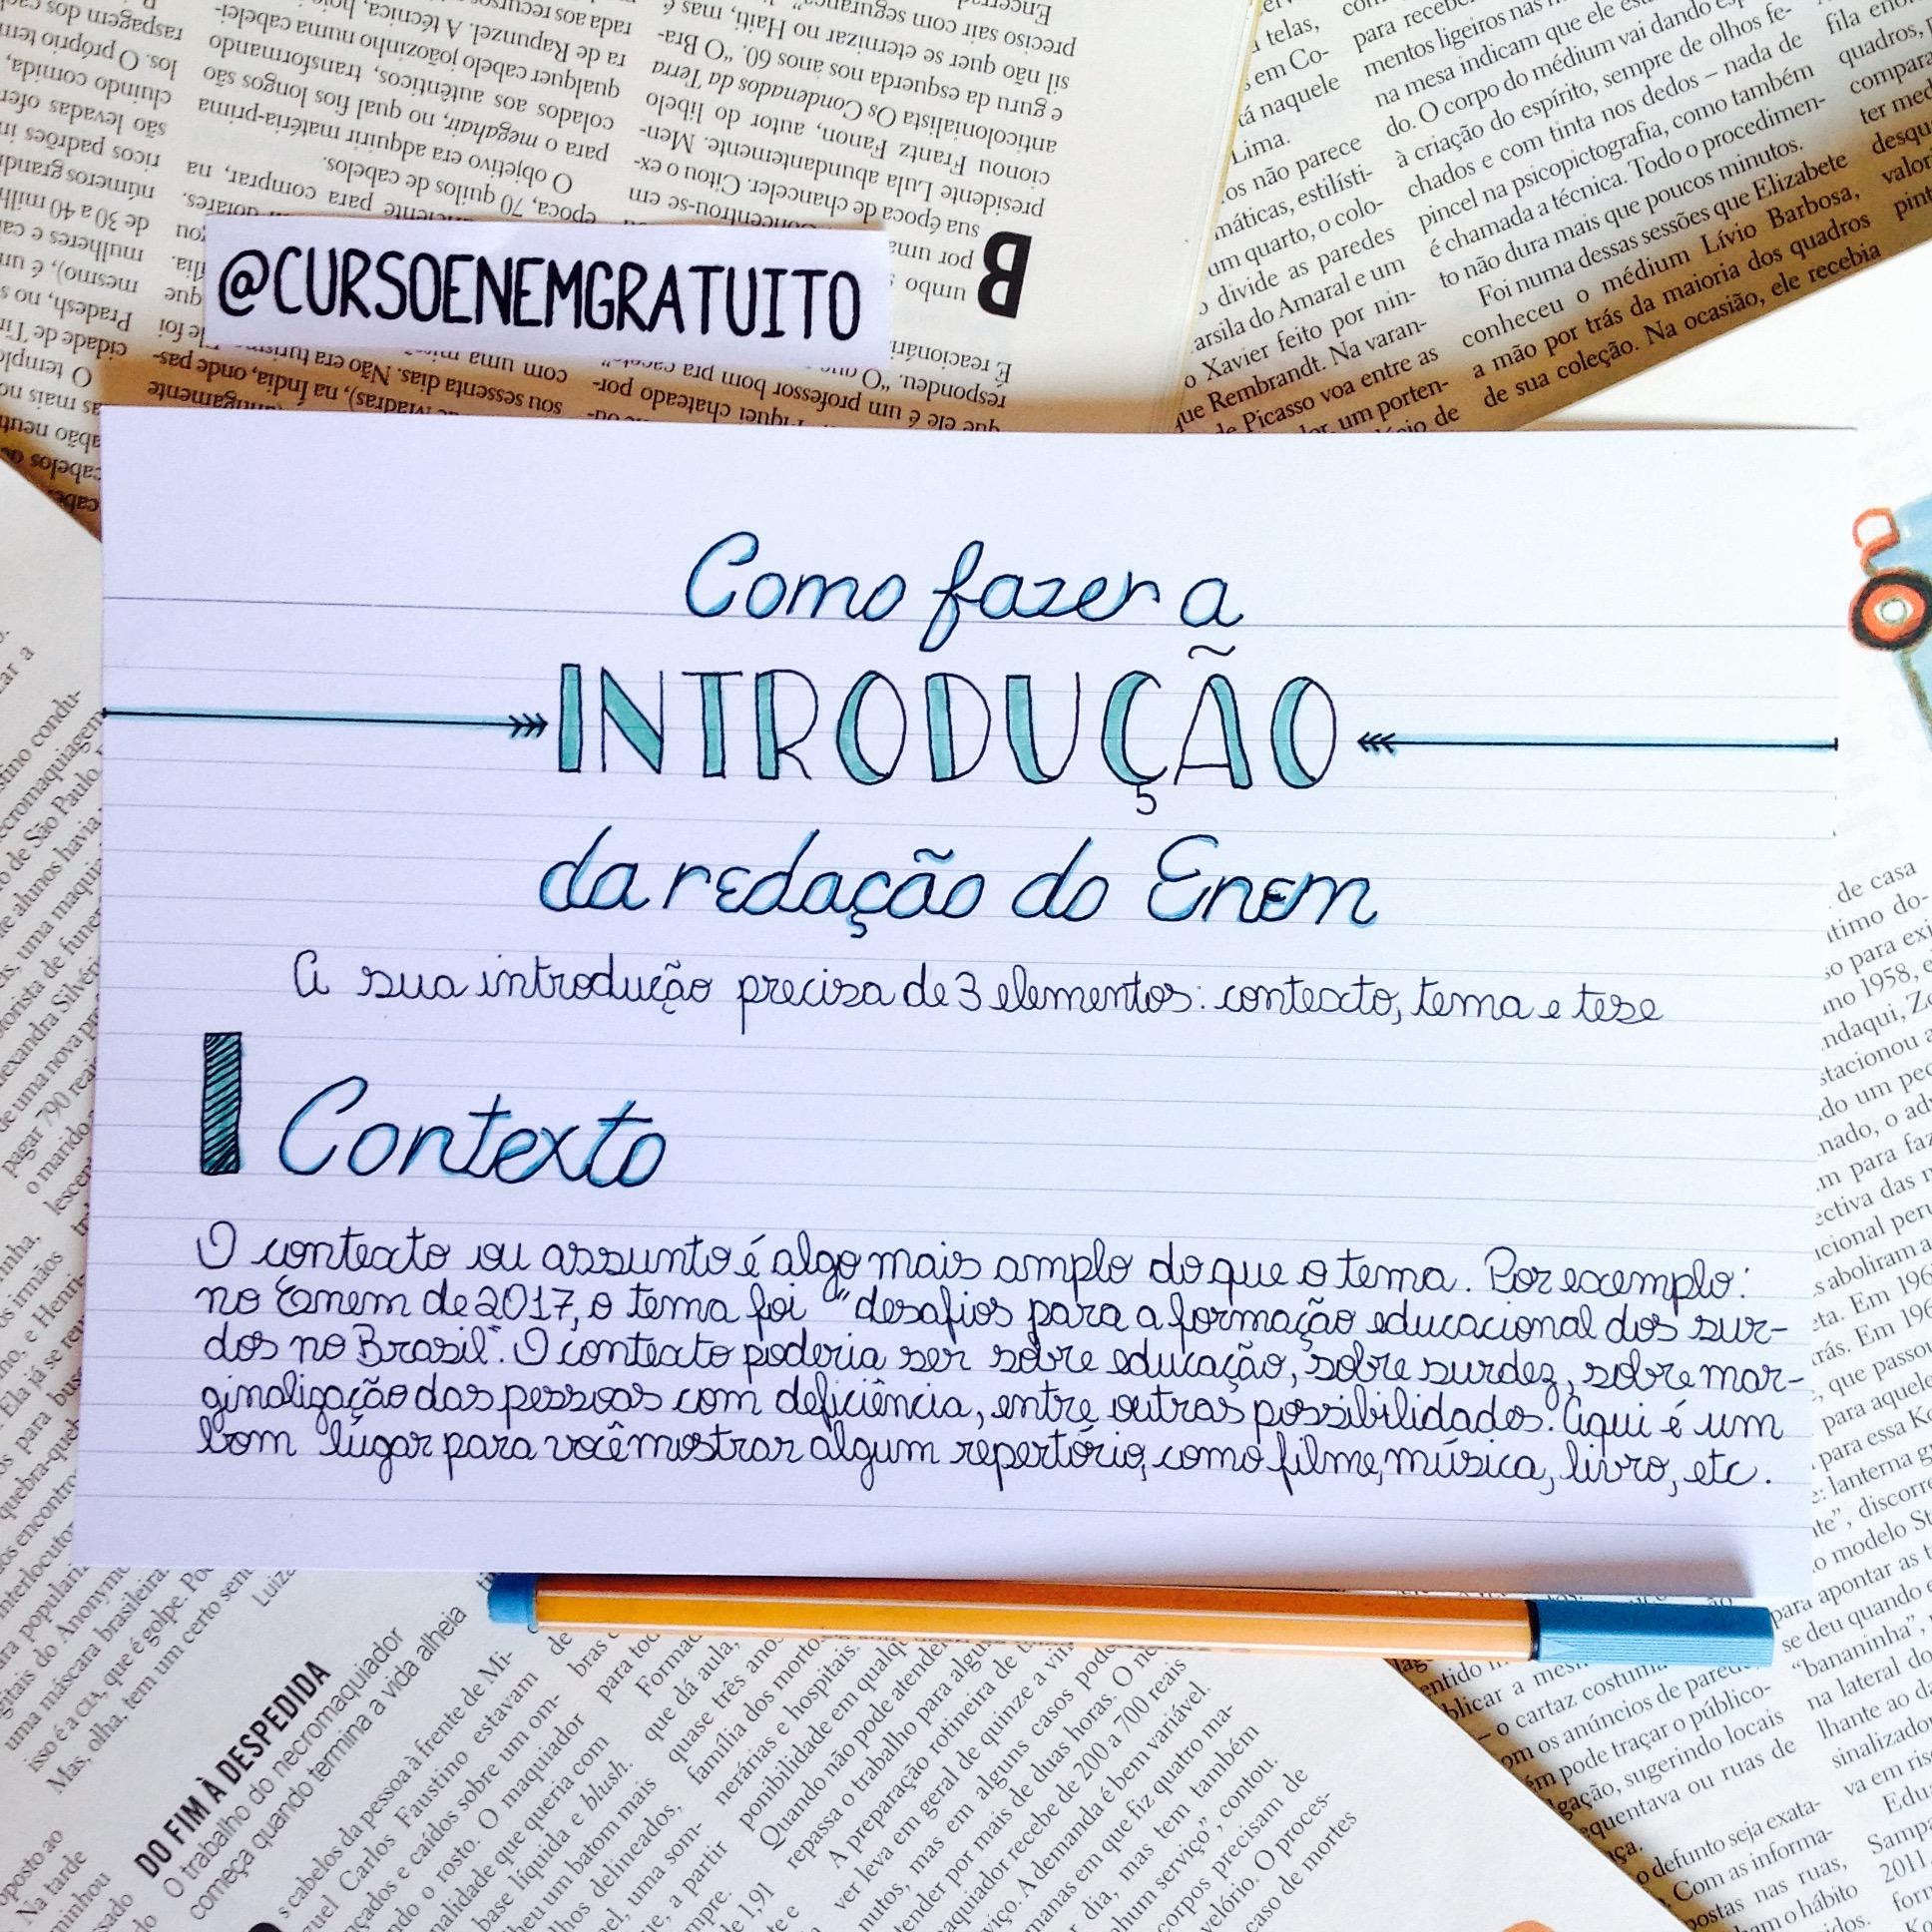 Como fazer a introdução da redação - Contexto